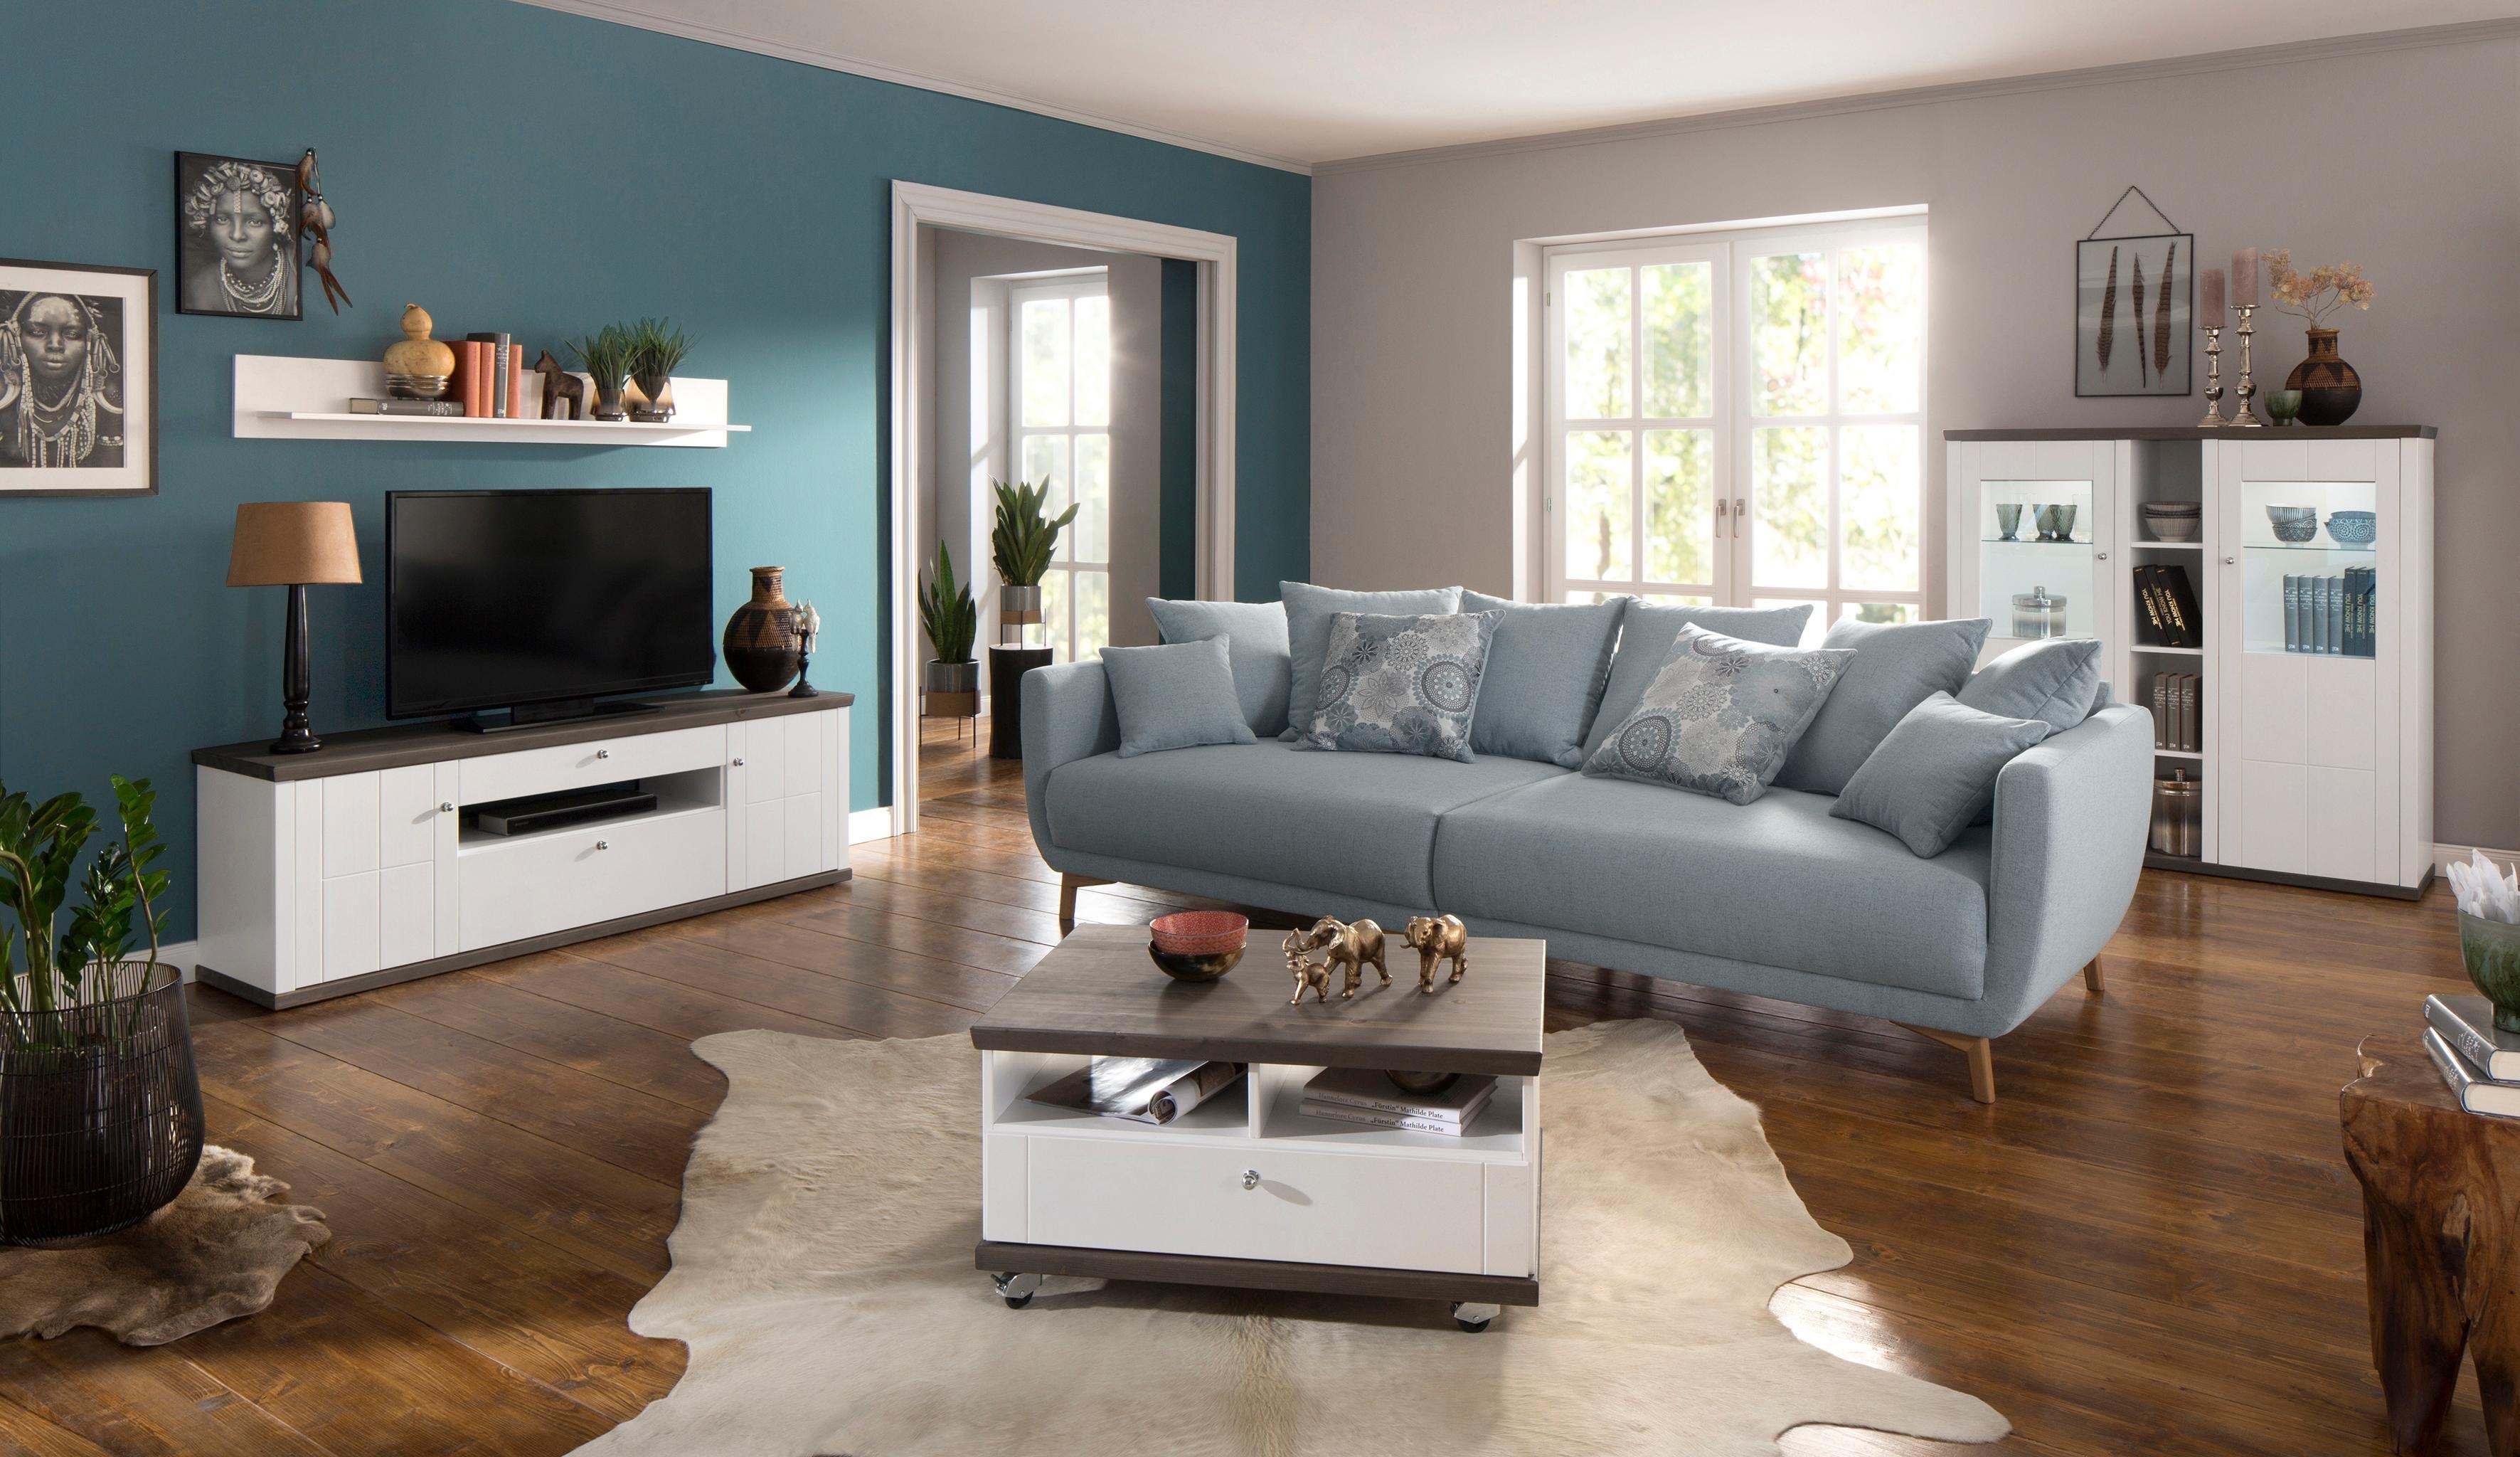 Premium Collection By Home Affaire tv-meubel »Delice«, landhuisstijl, soft-close, breedte 163 cm. bestellen: 30 dagen bedenktijd